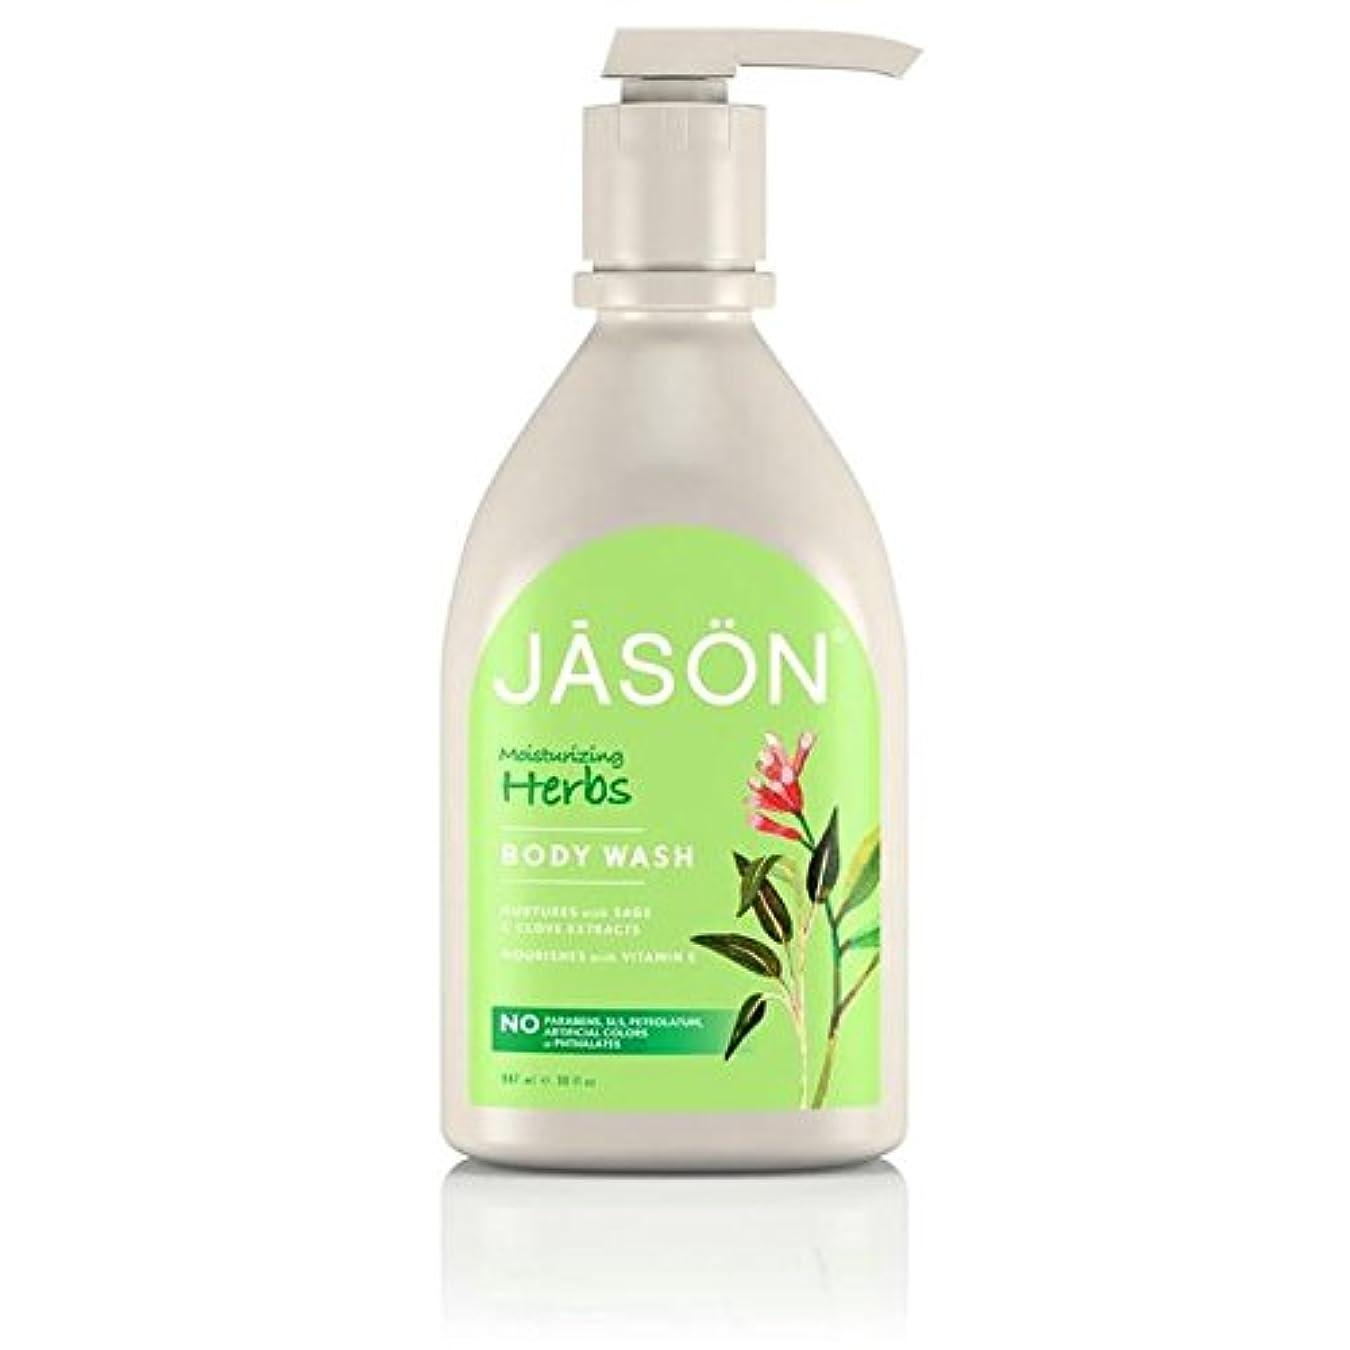 心のこもったキリマンジャロ驚くべきジェイソン?ハーブサテンボディウォッシュポンプ900ミリリットル x2 - Jason Herbal Satin Body Wash Pump 900ml (Pack of 2) [並行輸入品]